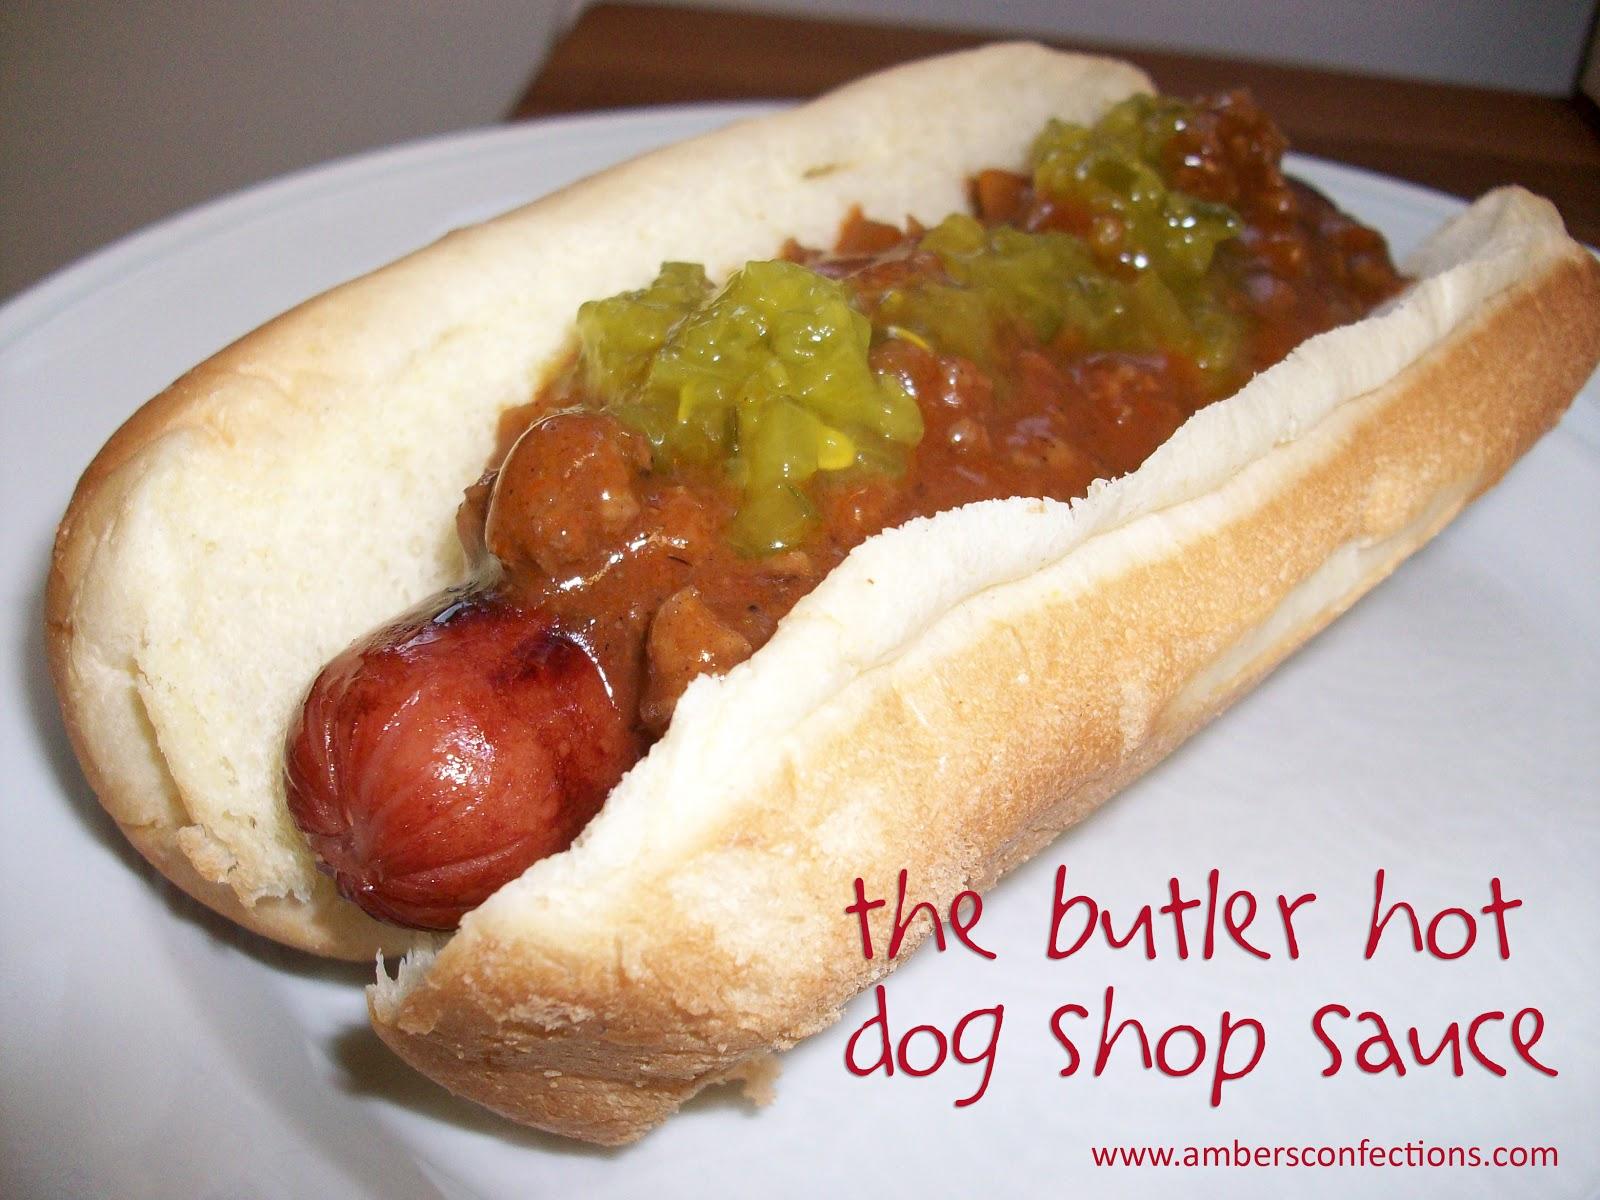 hot dog sauce rezepte suchen. Black Bedroom Furniture Sets. Home Design Ideas